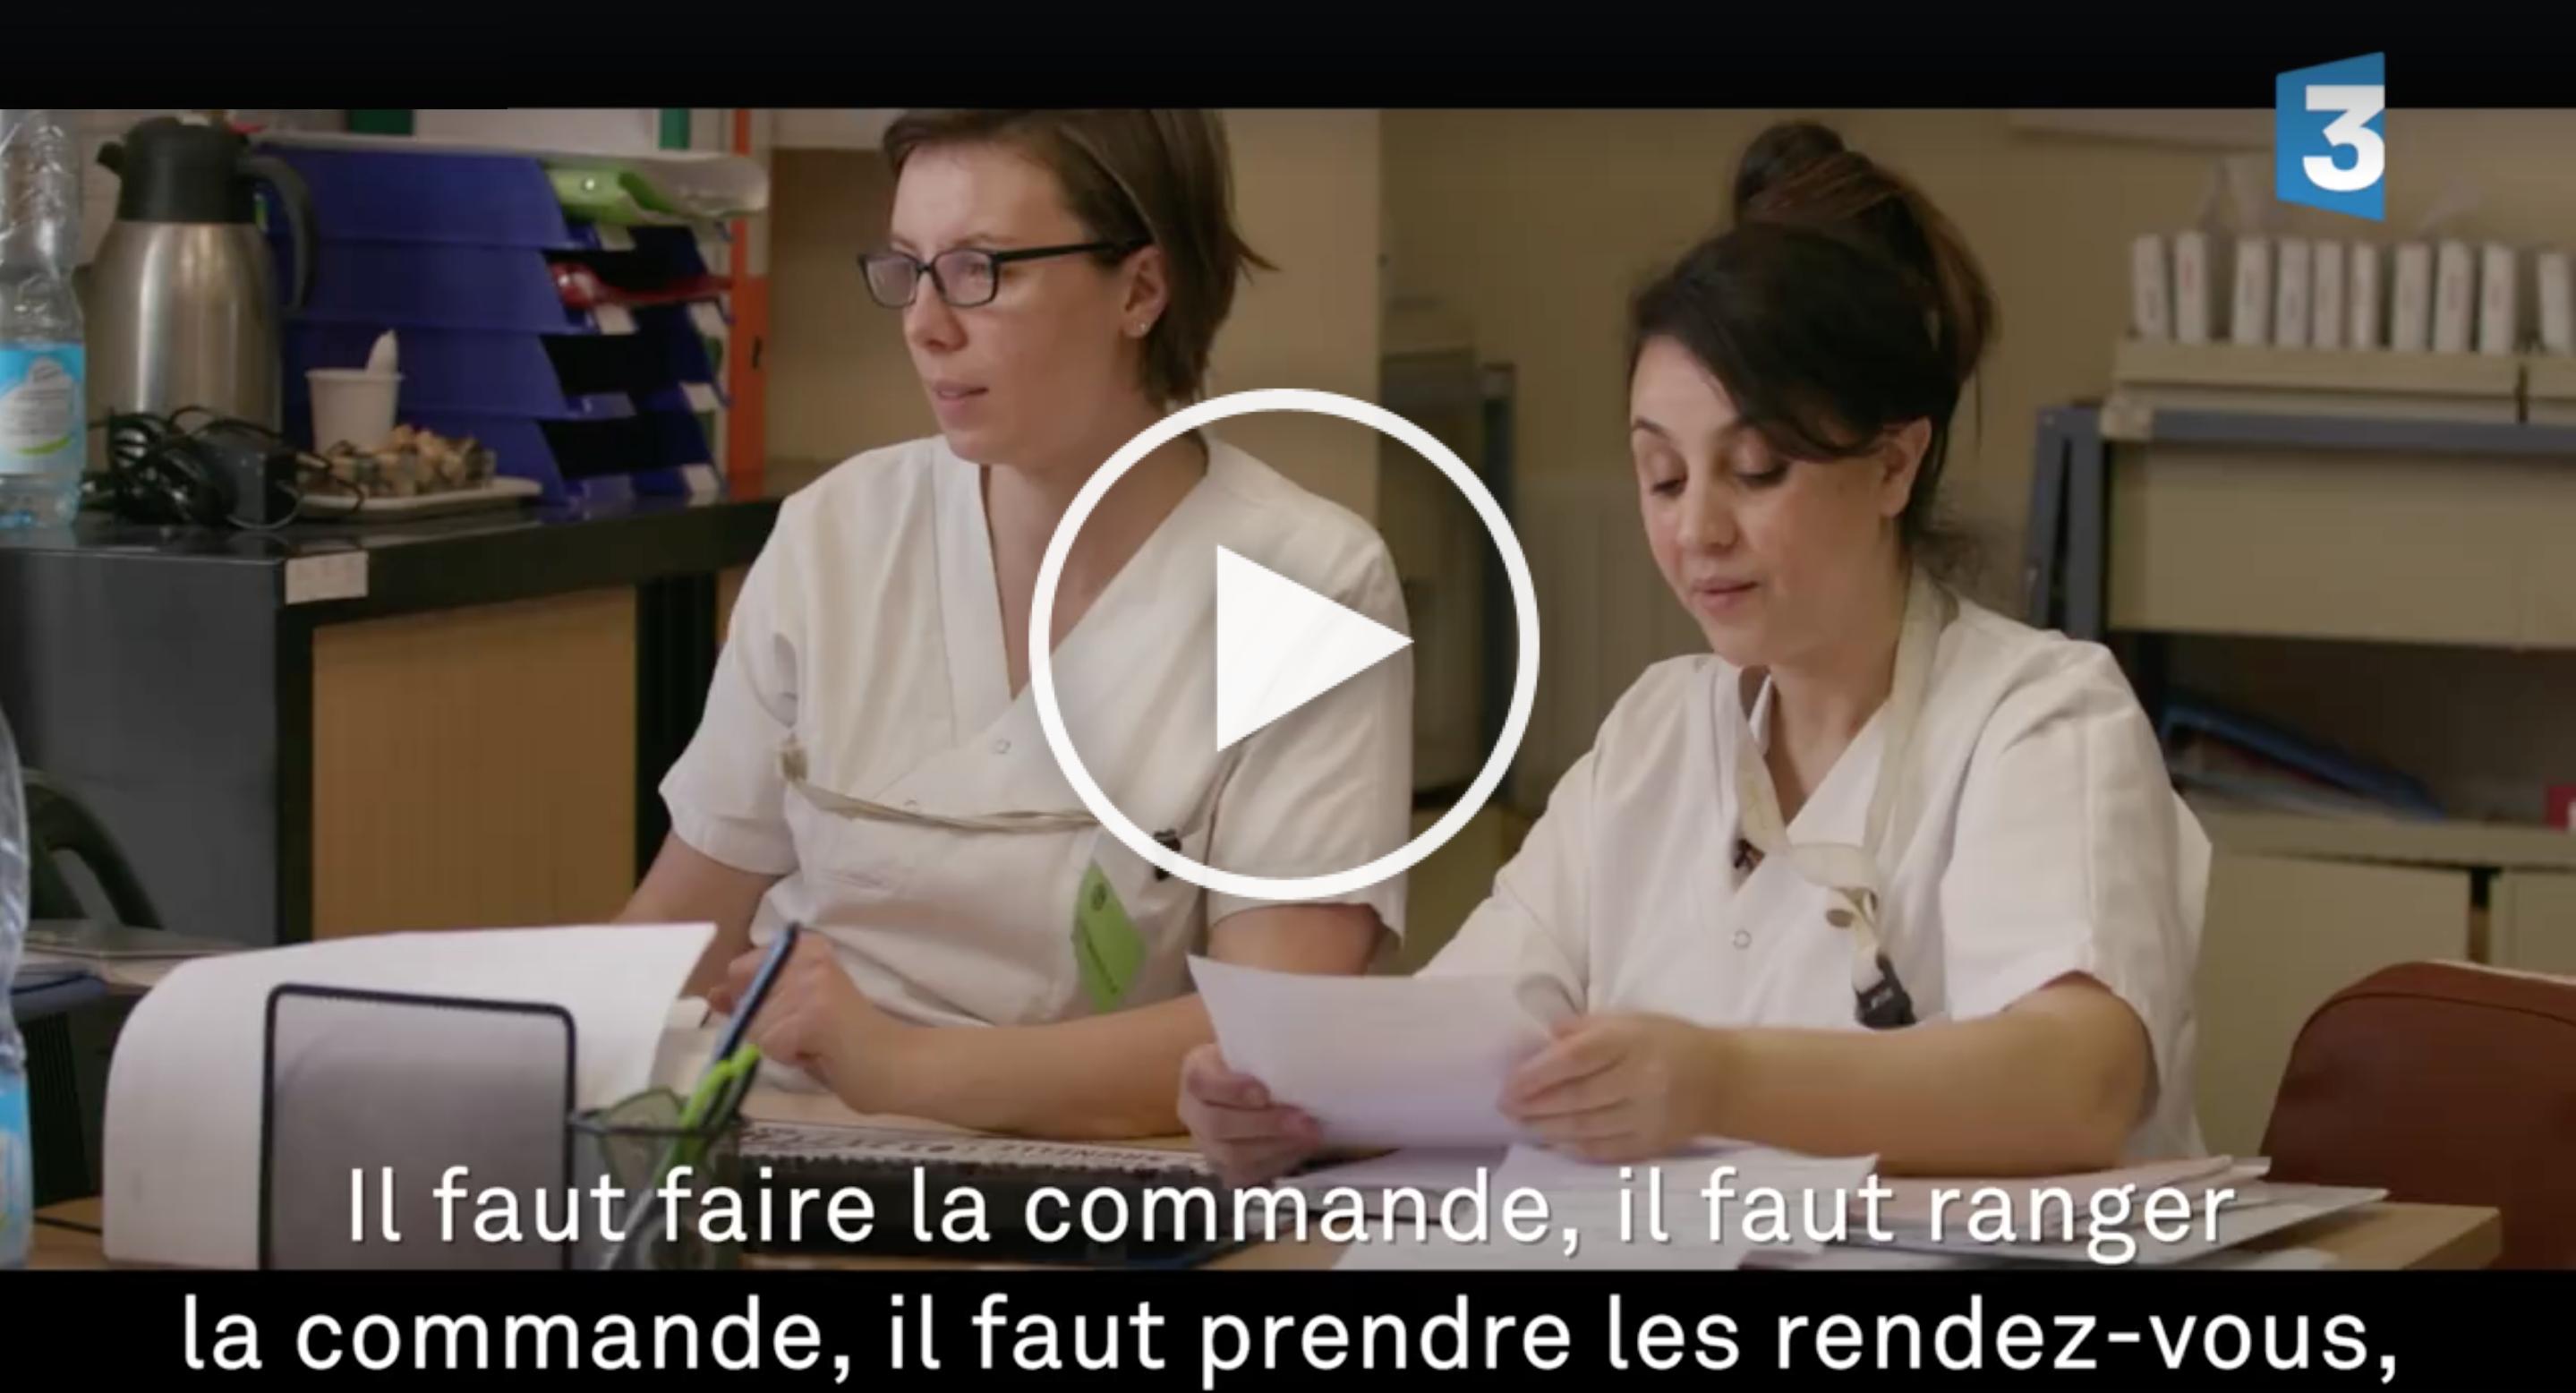 A voir absolument ! La vidéo choc de France 3 sur les infirmières...